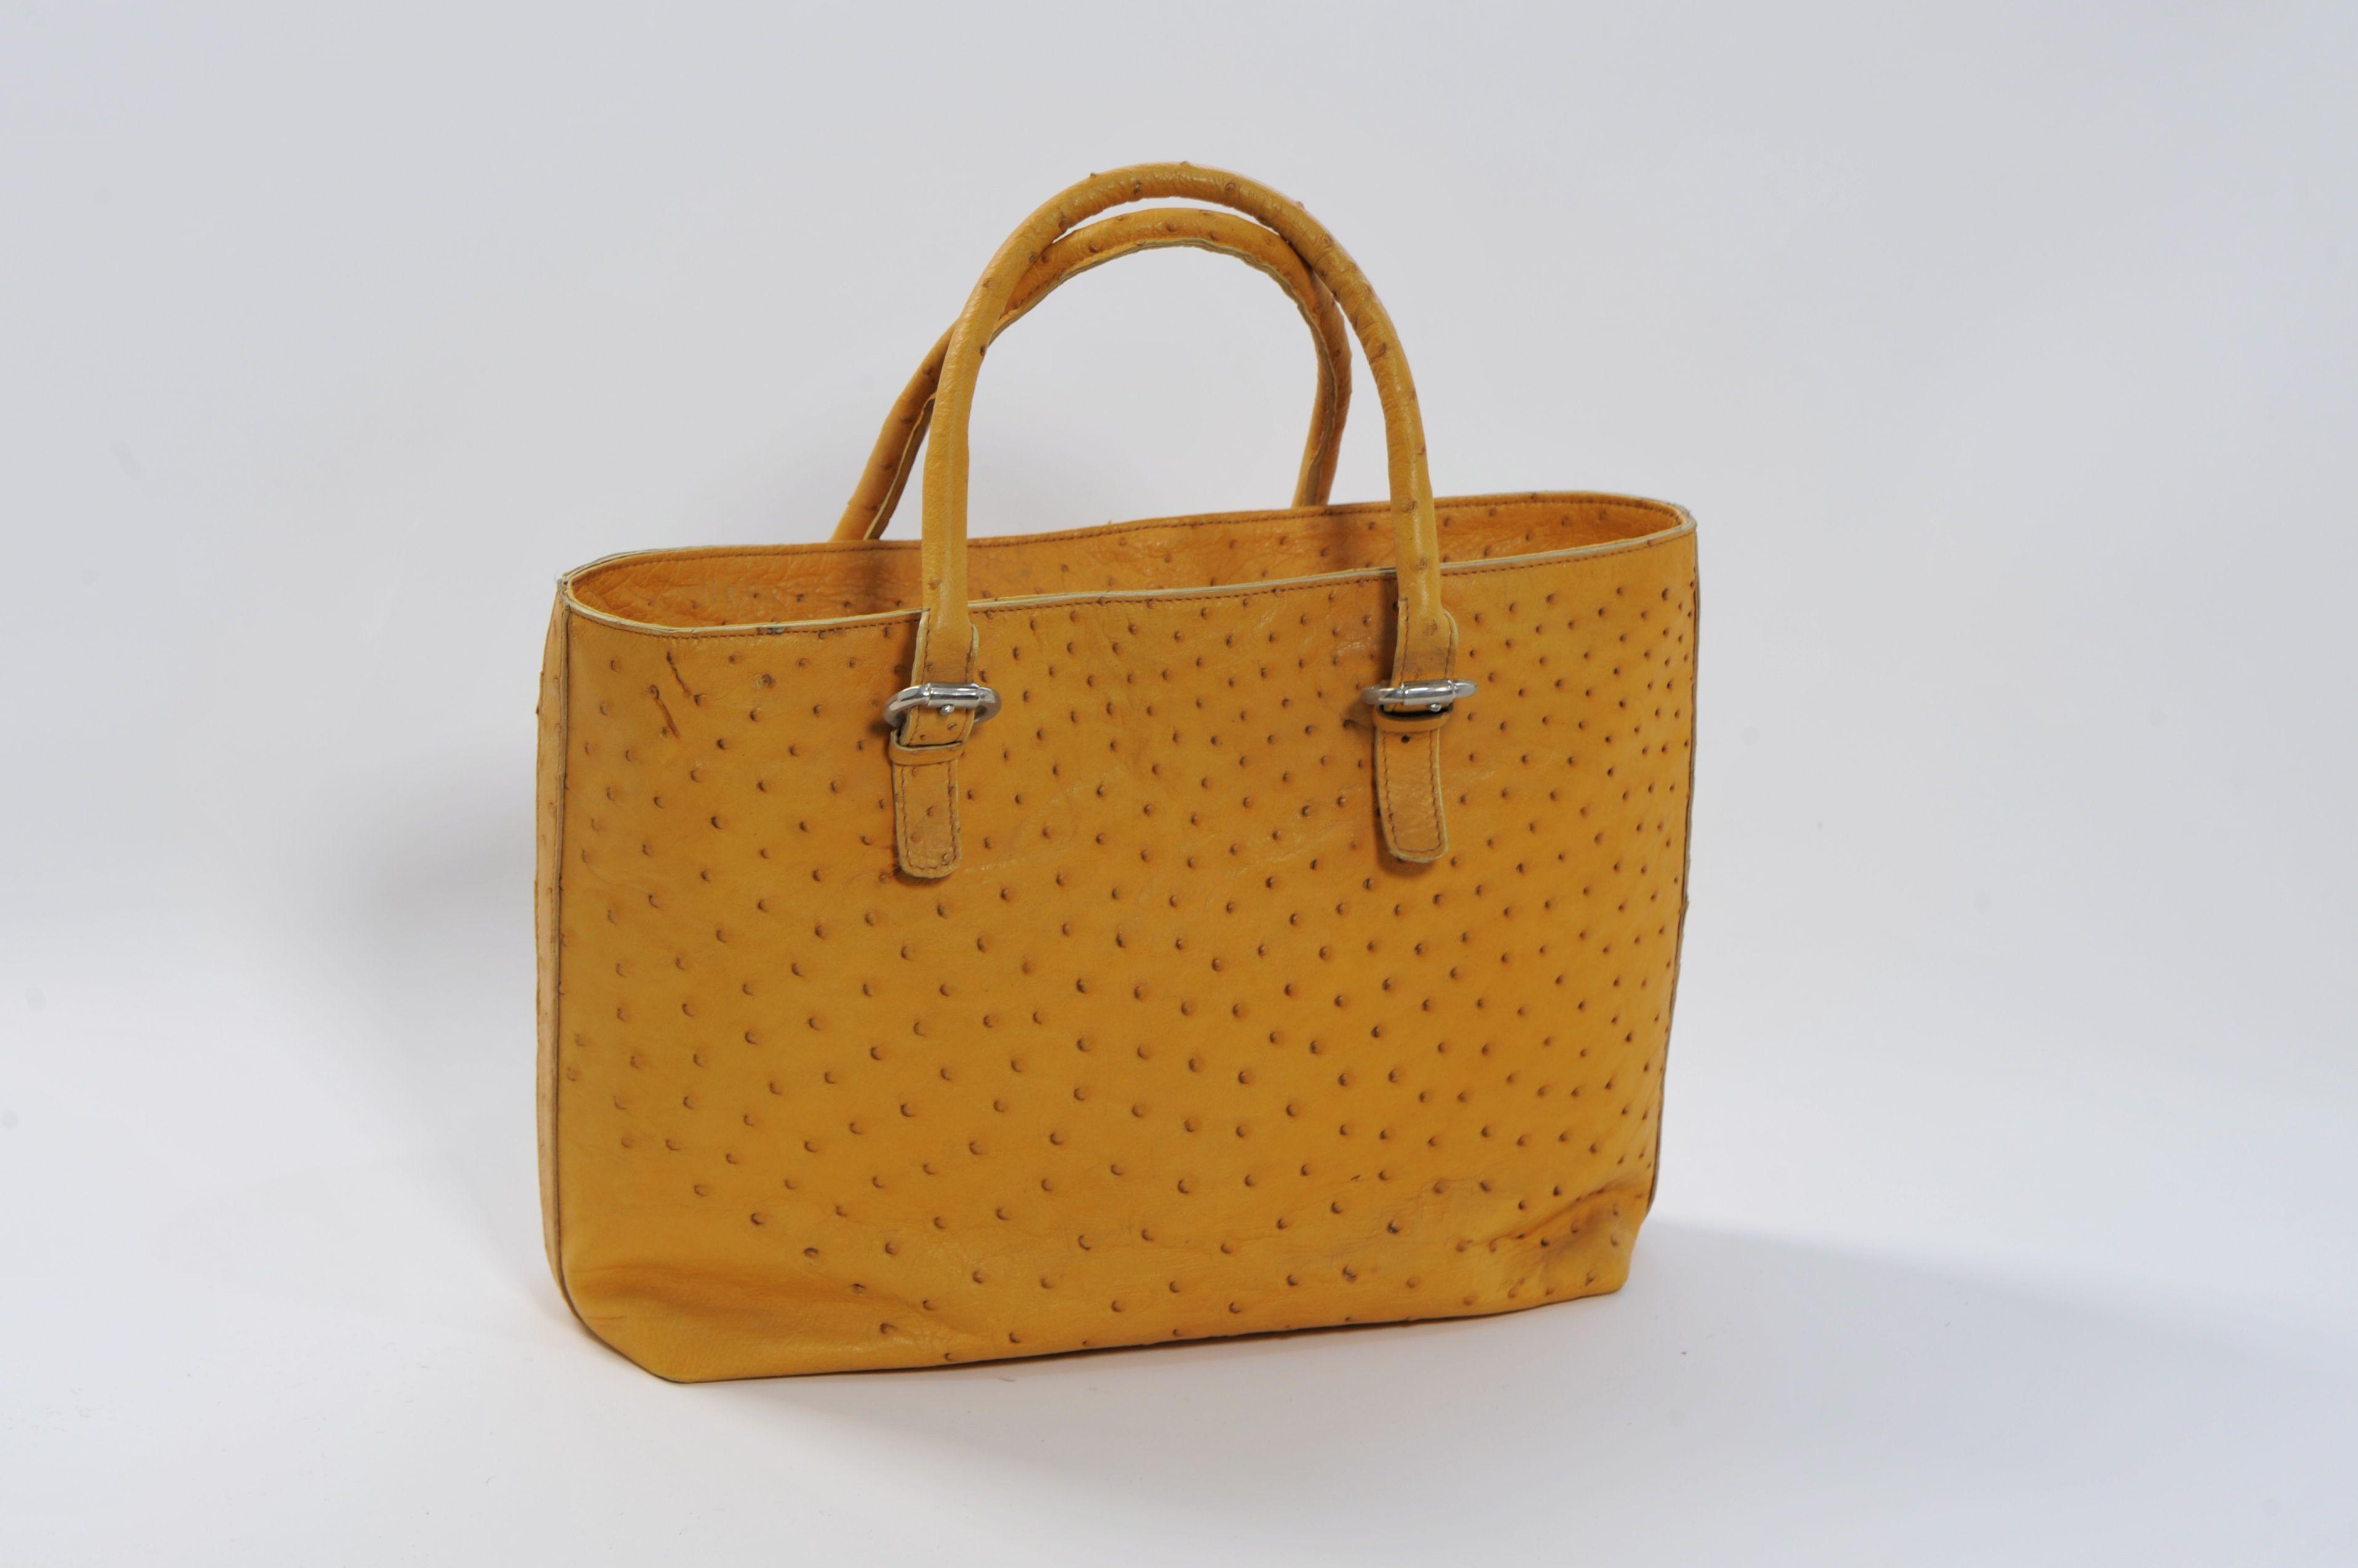 a70ecb1cea Era è una borsa di struzzo, fatto a mano. Vera Pelle di Struzzo ...